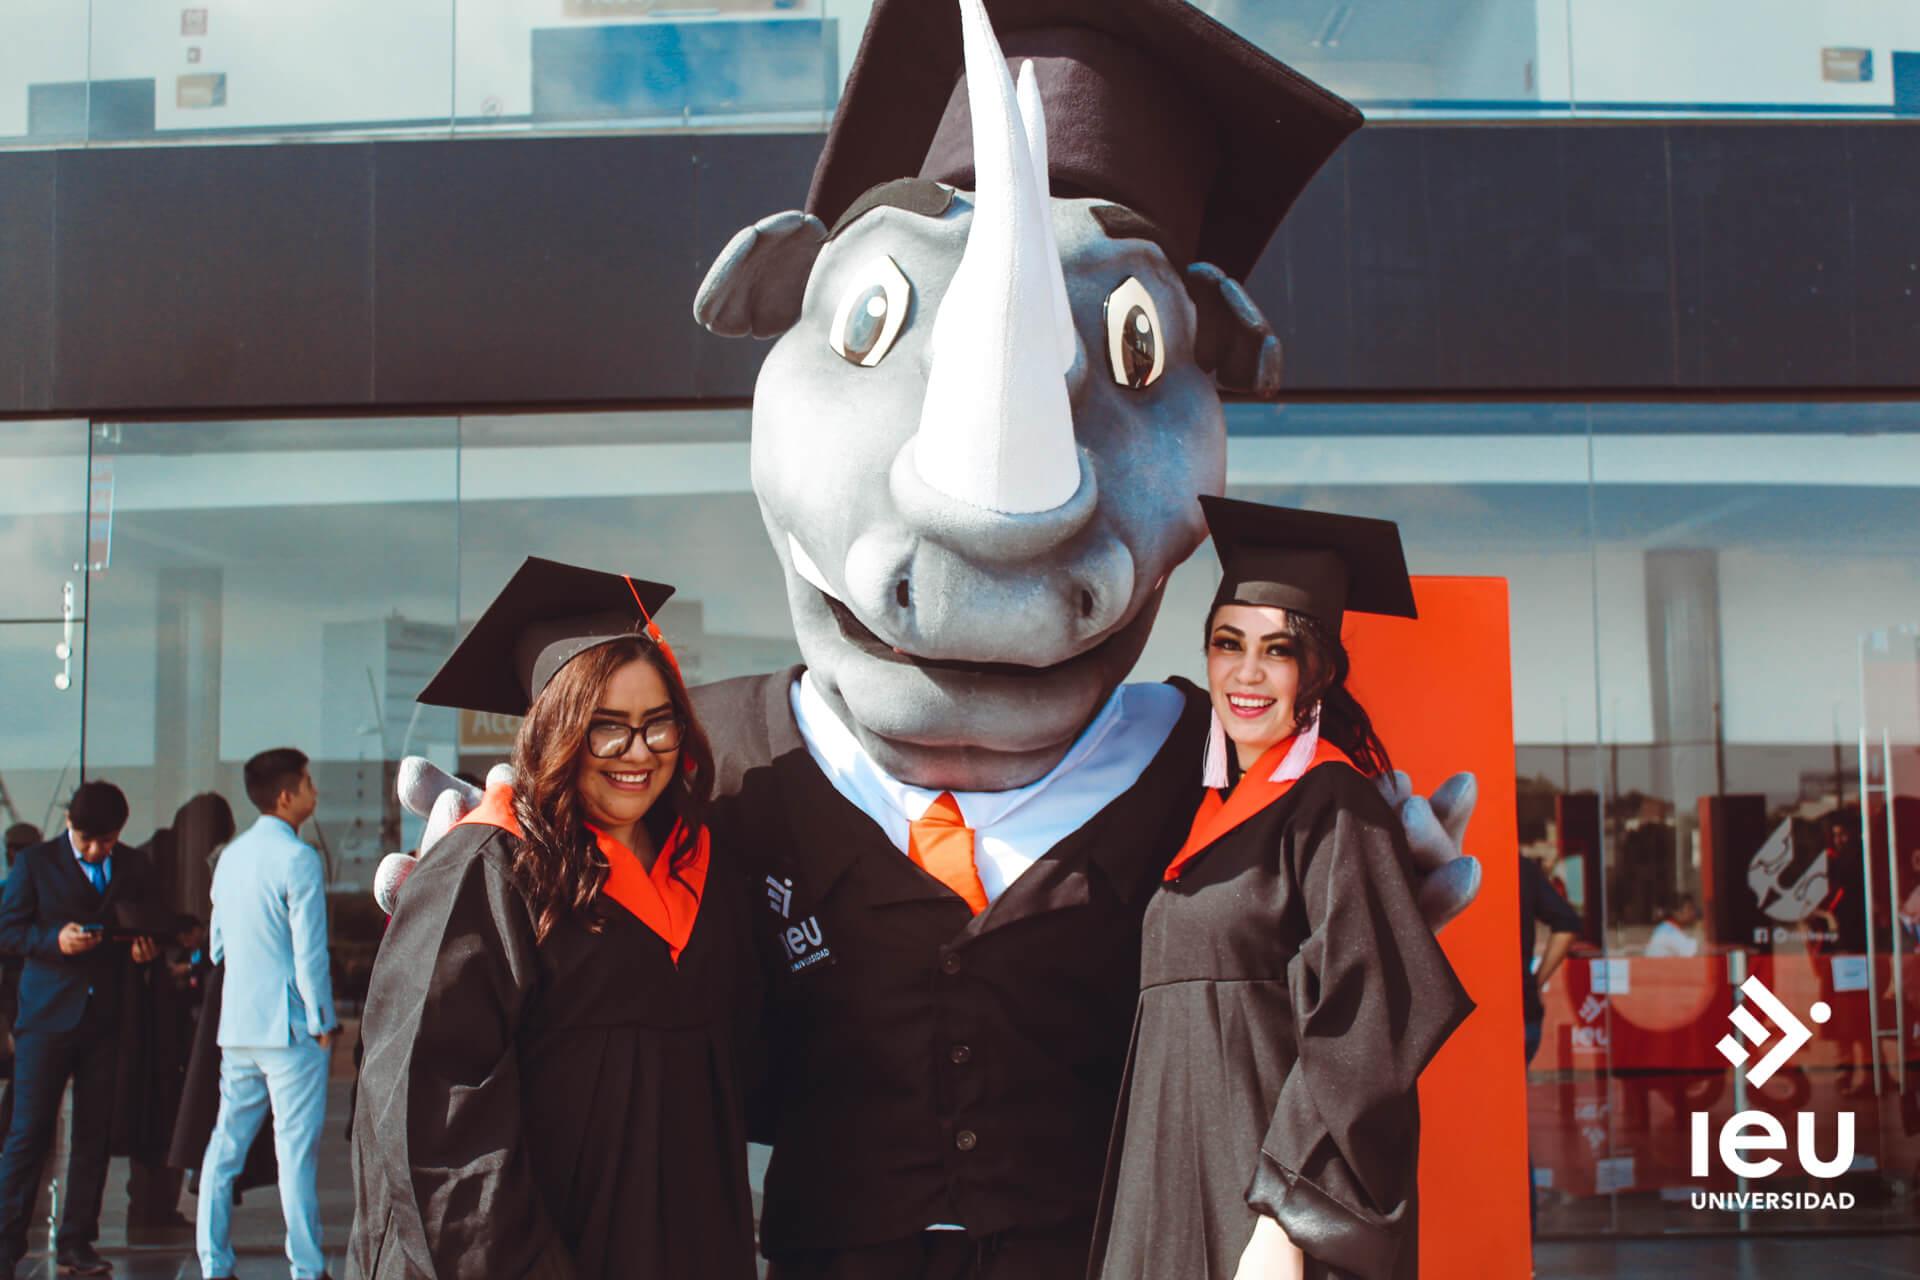 Universidad Ieu Graduacion 2019 1